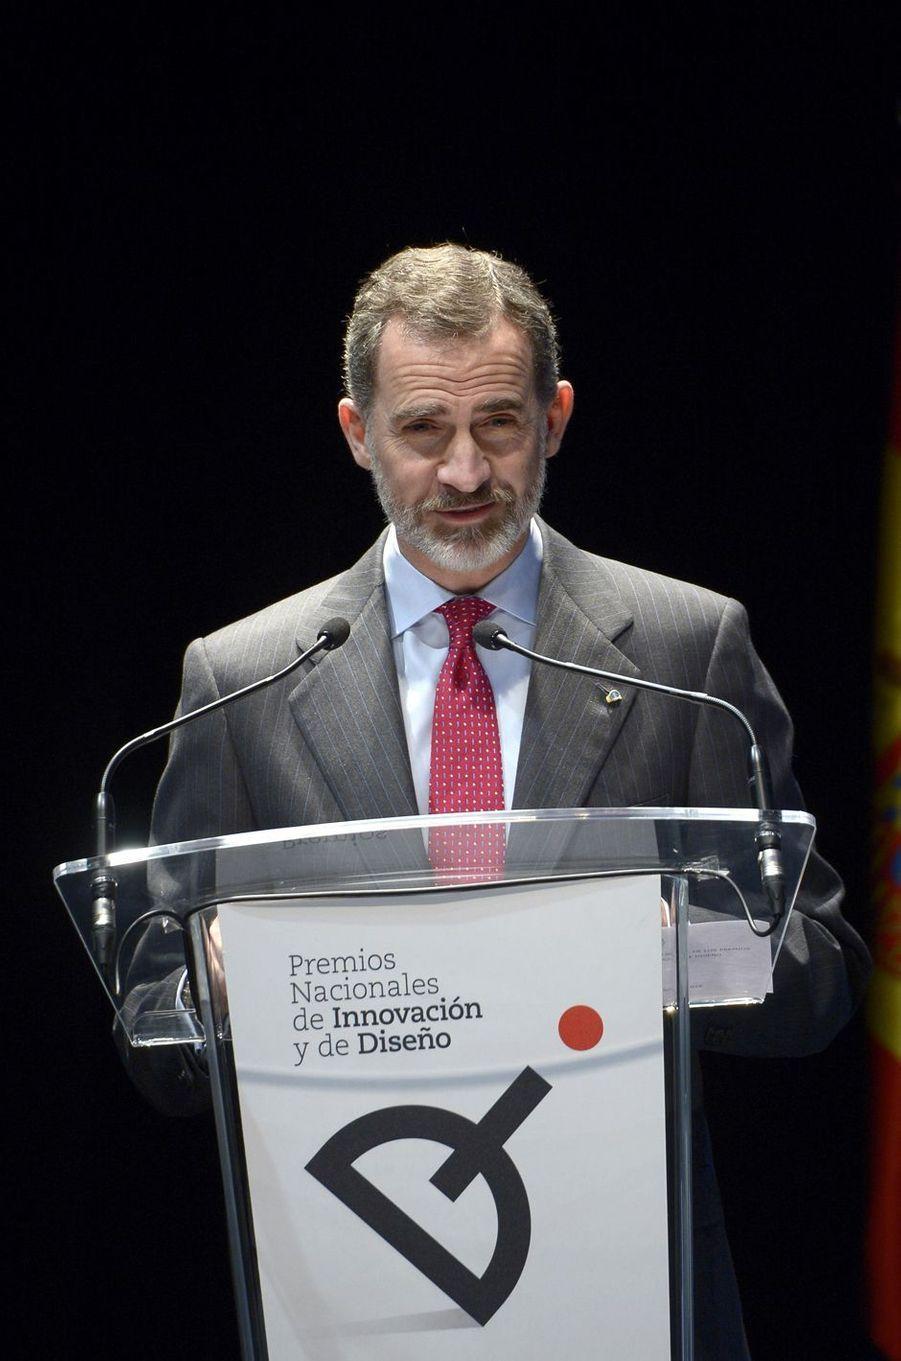 Le roi Felipe VI d'Espagne à Mostoles, le 12 février 2018